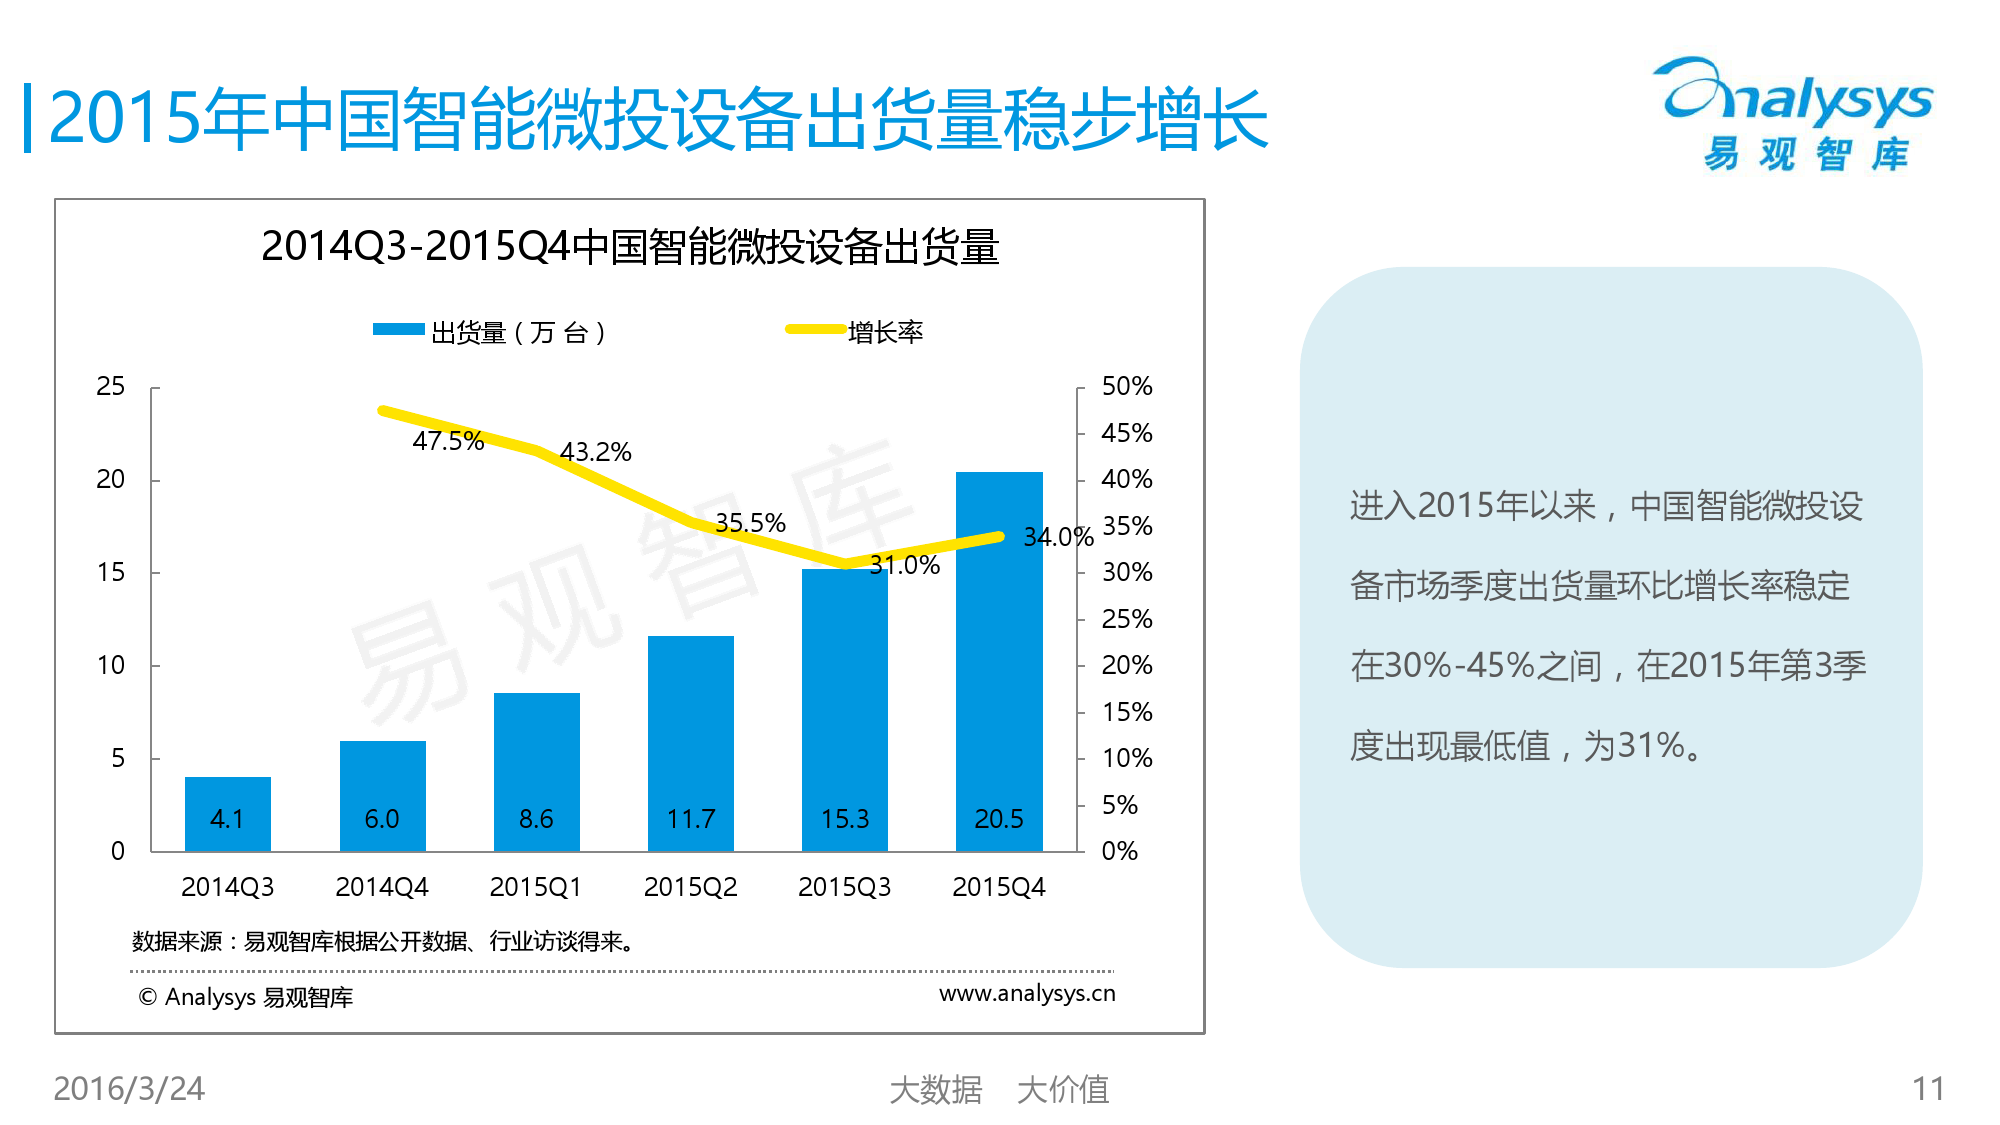 中国智能微投市场专题研究报告2016_000011